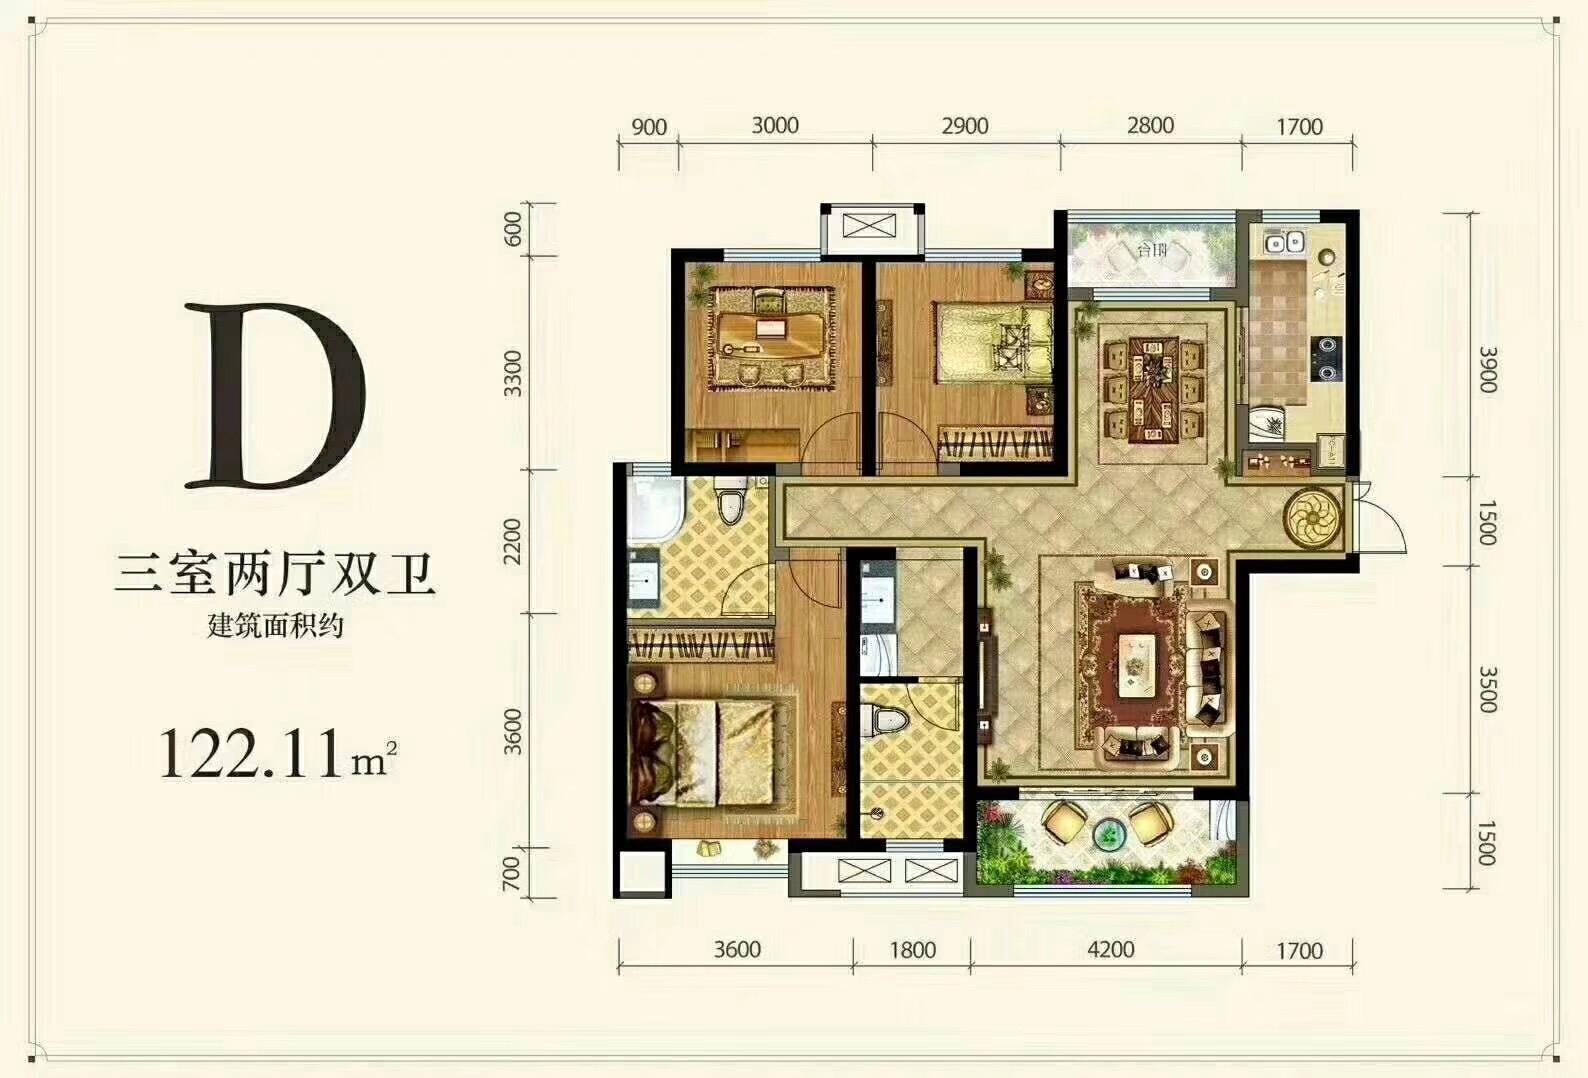 德杰状元府邸D户型三室两厅一厨两卫122.11㎡